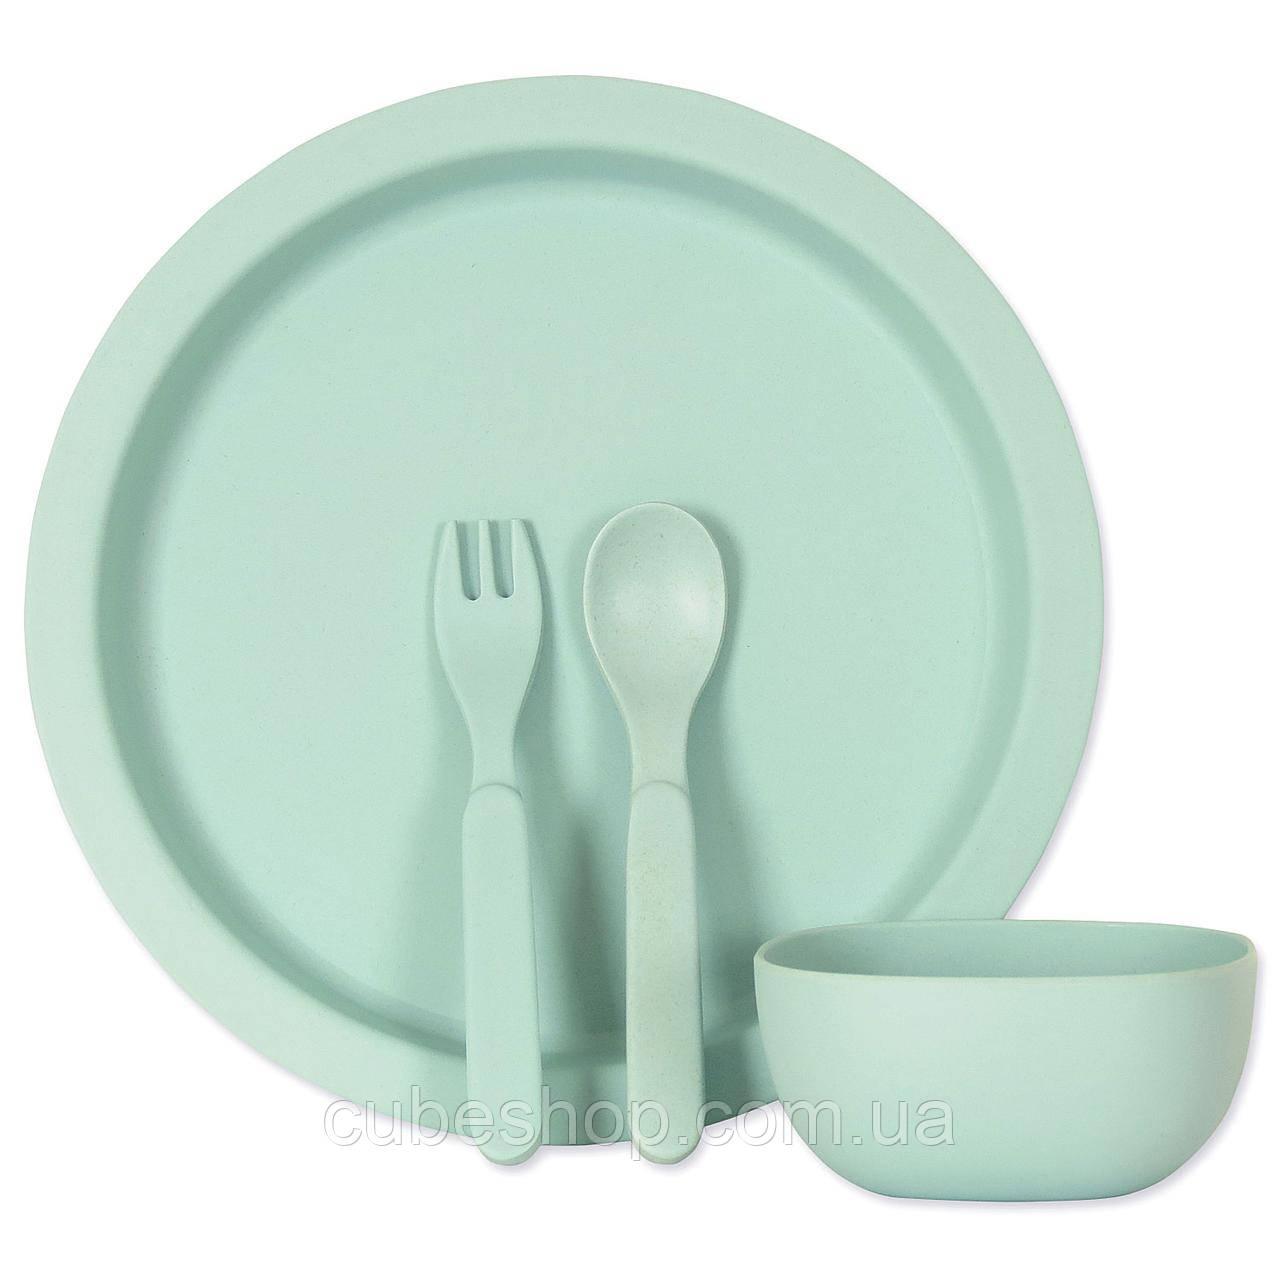 Набор детской посуды из бамбукового волокна Simple Blue